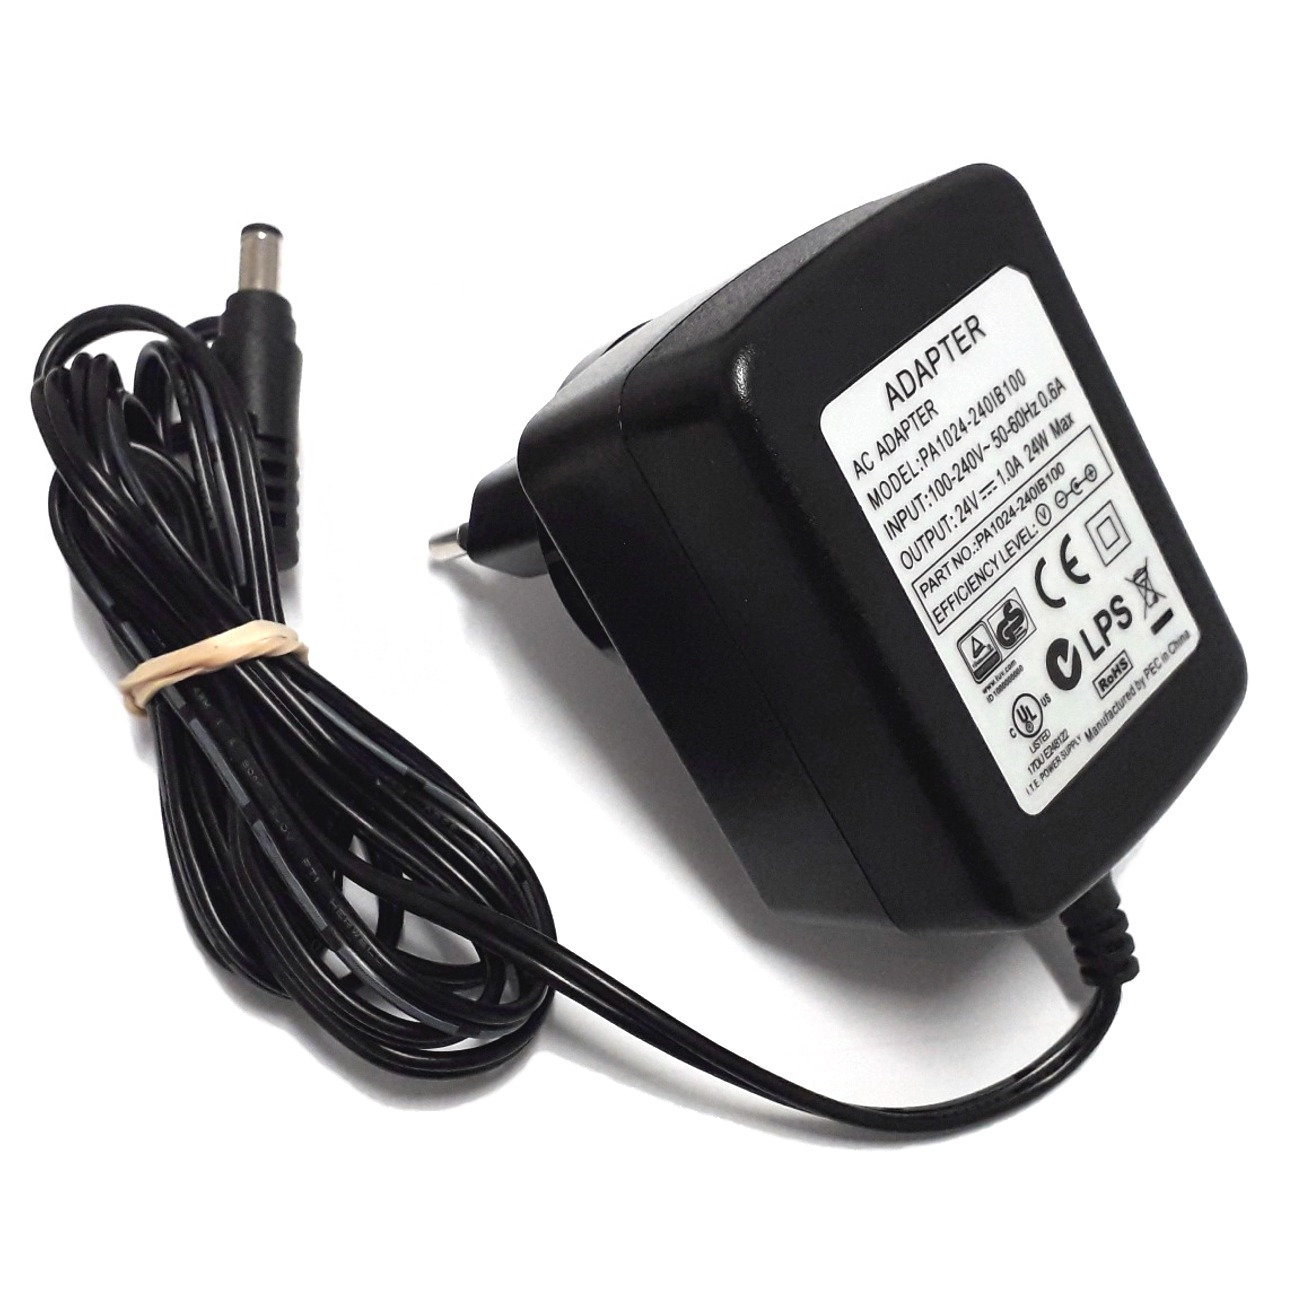 AQUA MEDIC Transformateur 24V 1A universel pour pompe, rampe leds, etc.